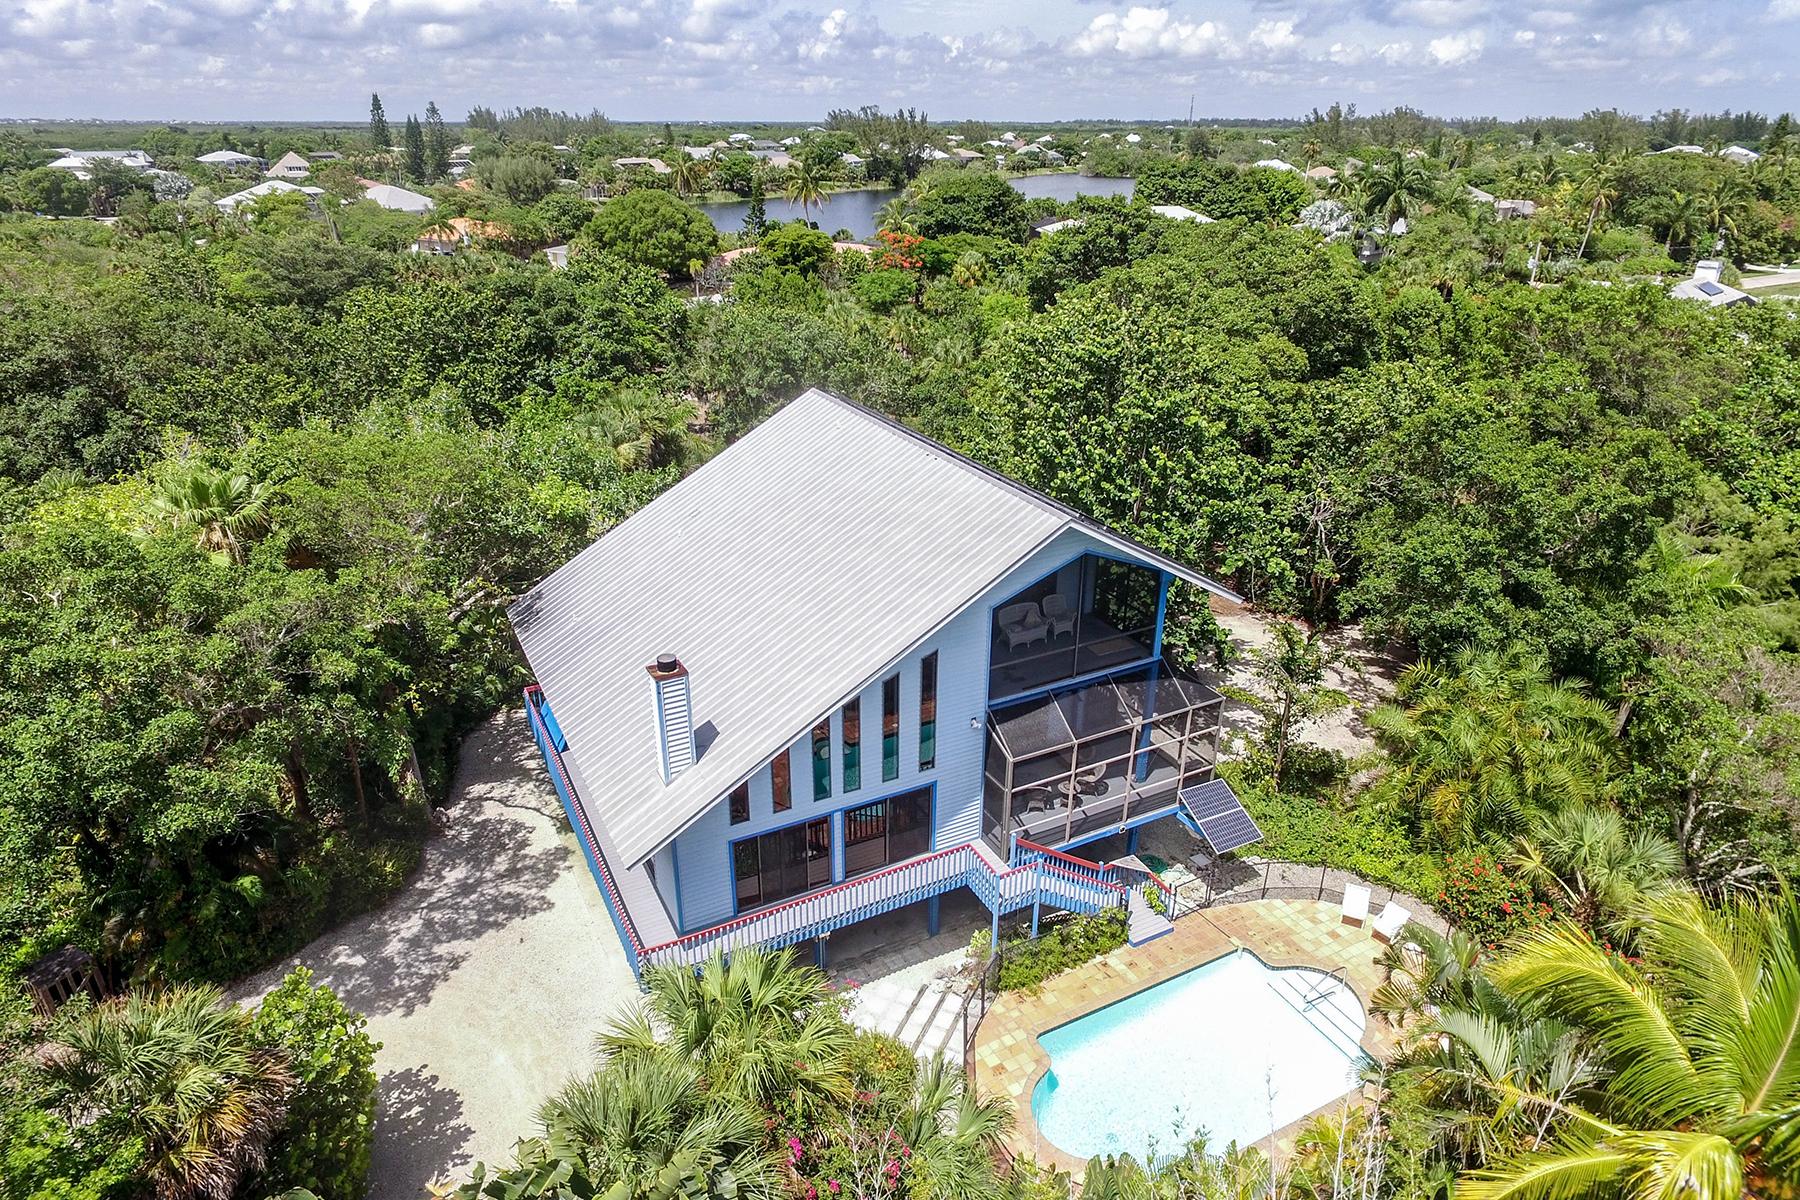 Villa per Vendita alle ore 3402 W Gulf Dr , Sanibel, FL 33957 Sanibel, Florida, 33957 Stati Uniti